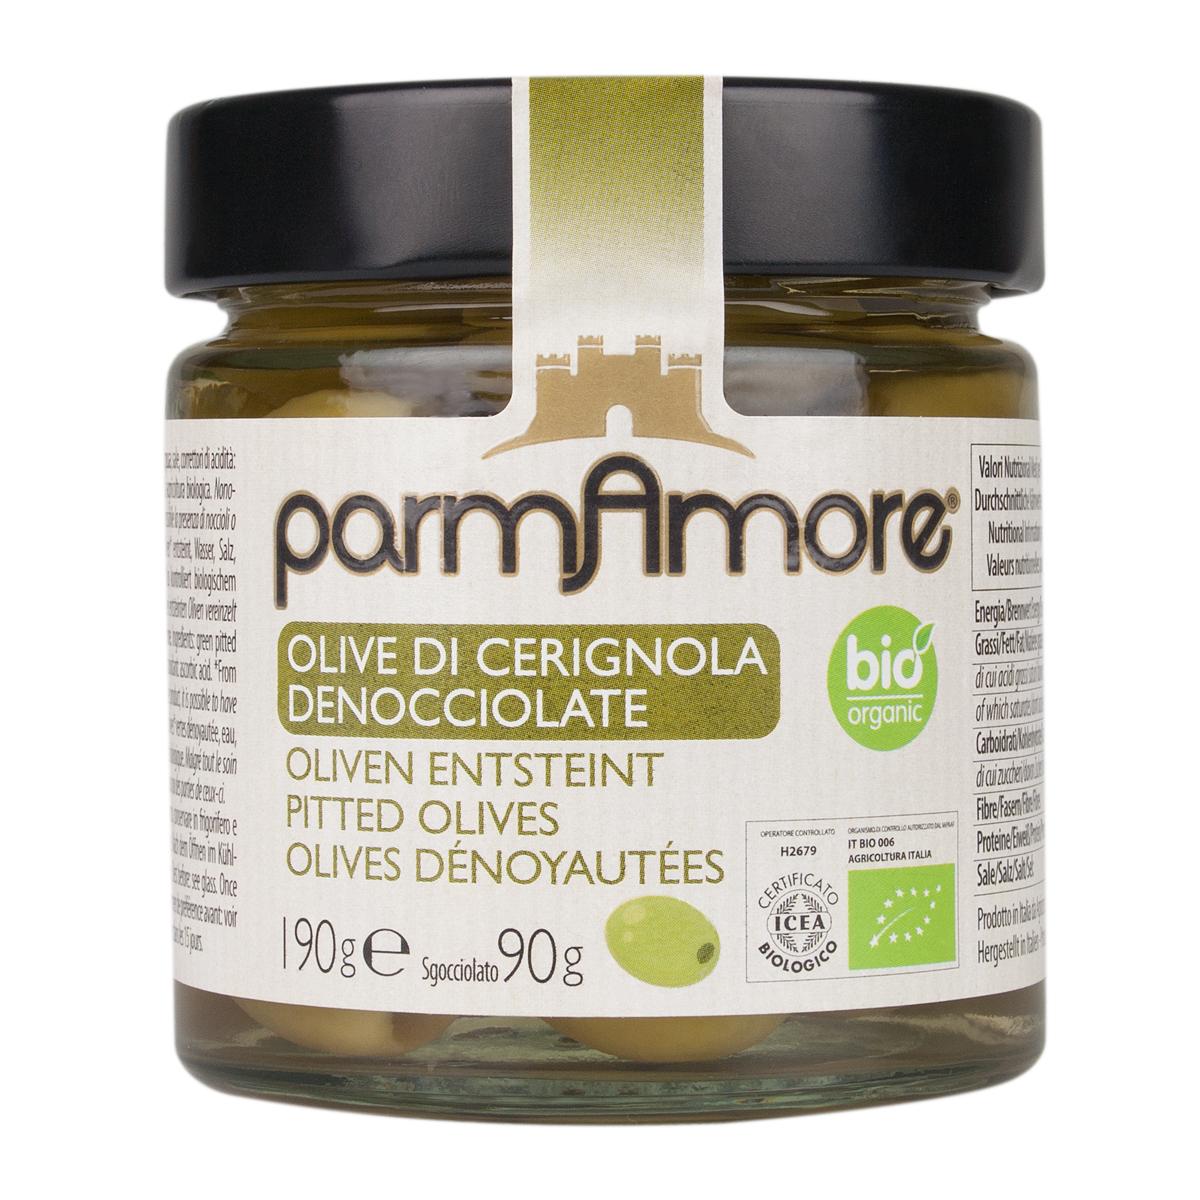 Olive_Cerignola_Den_Parmamore_220ml_1200